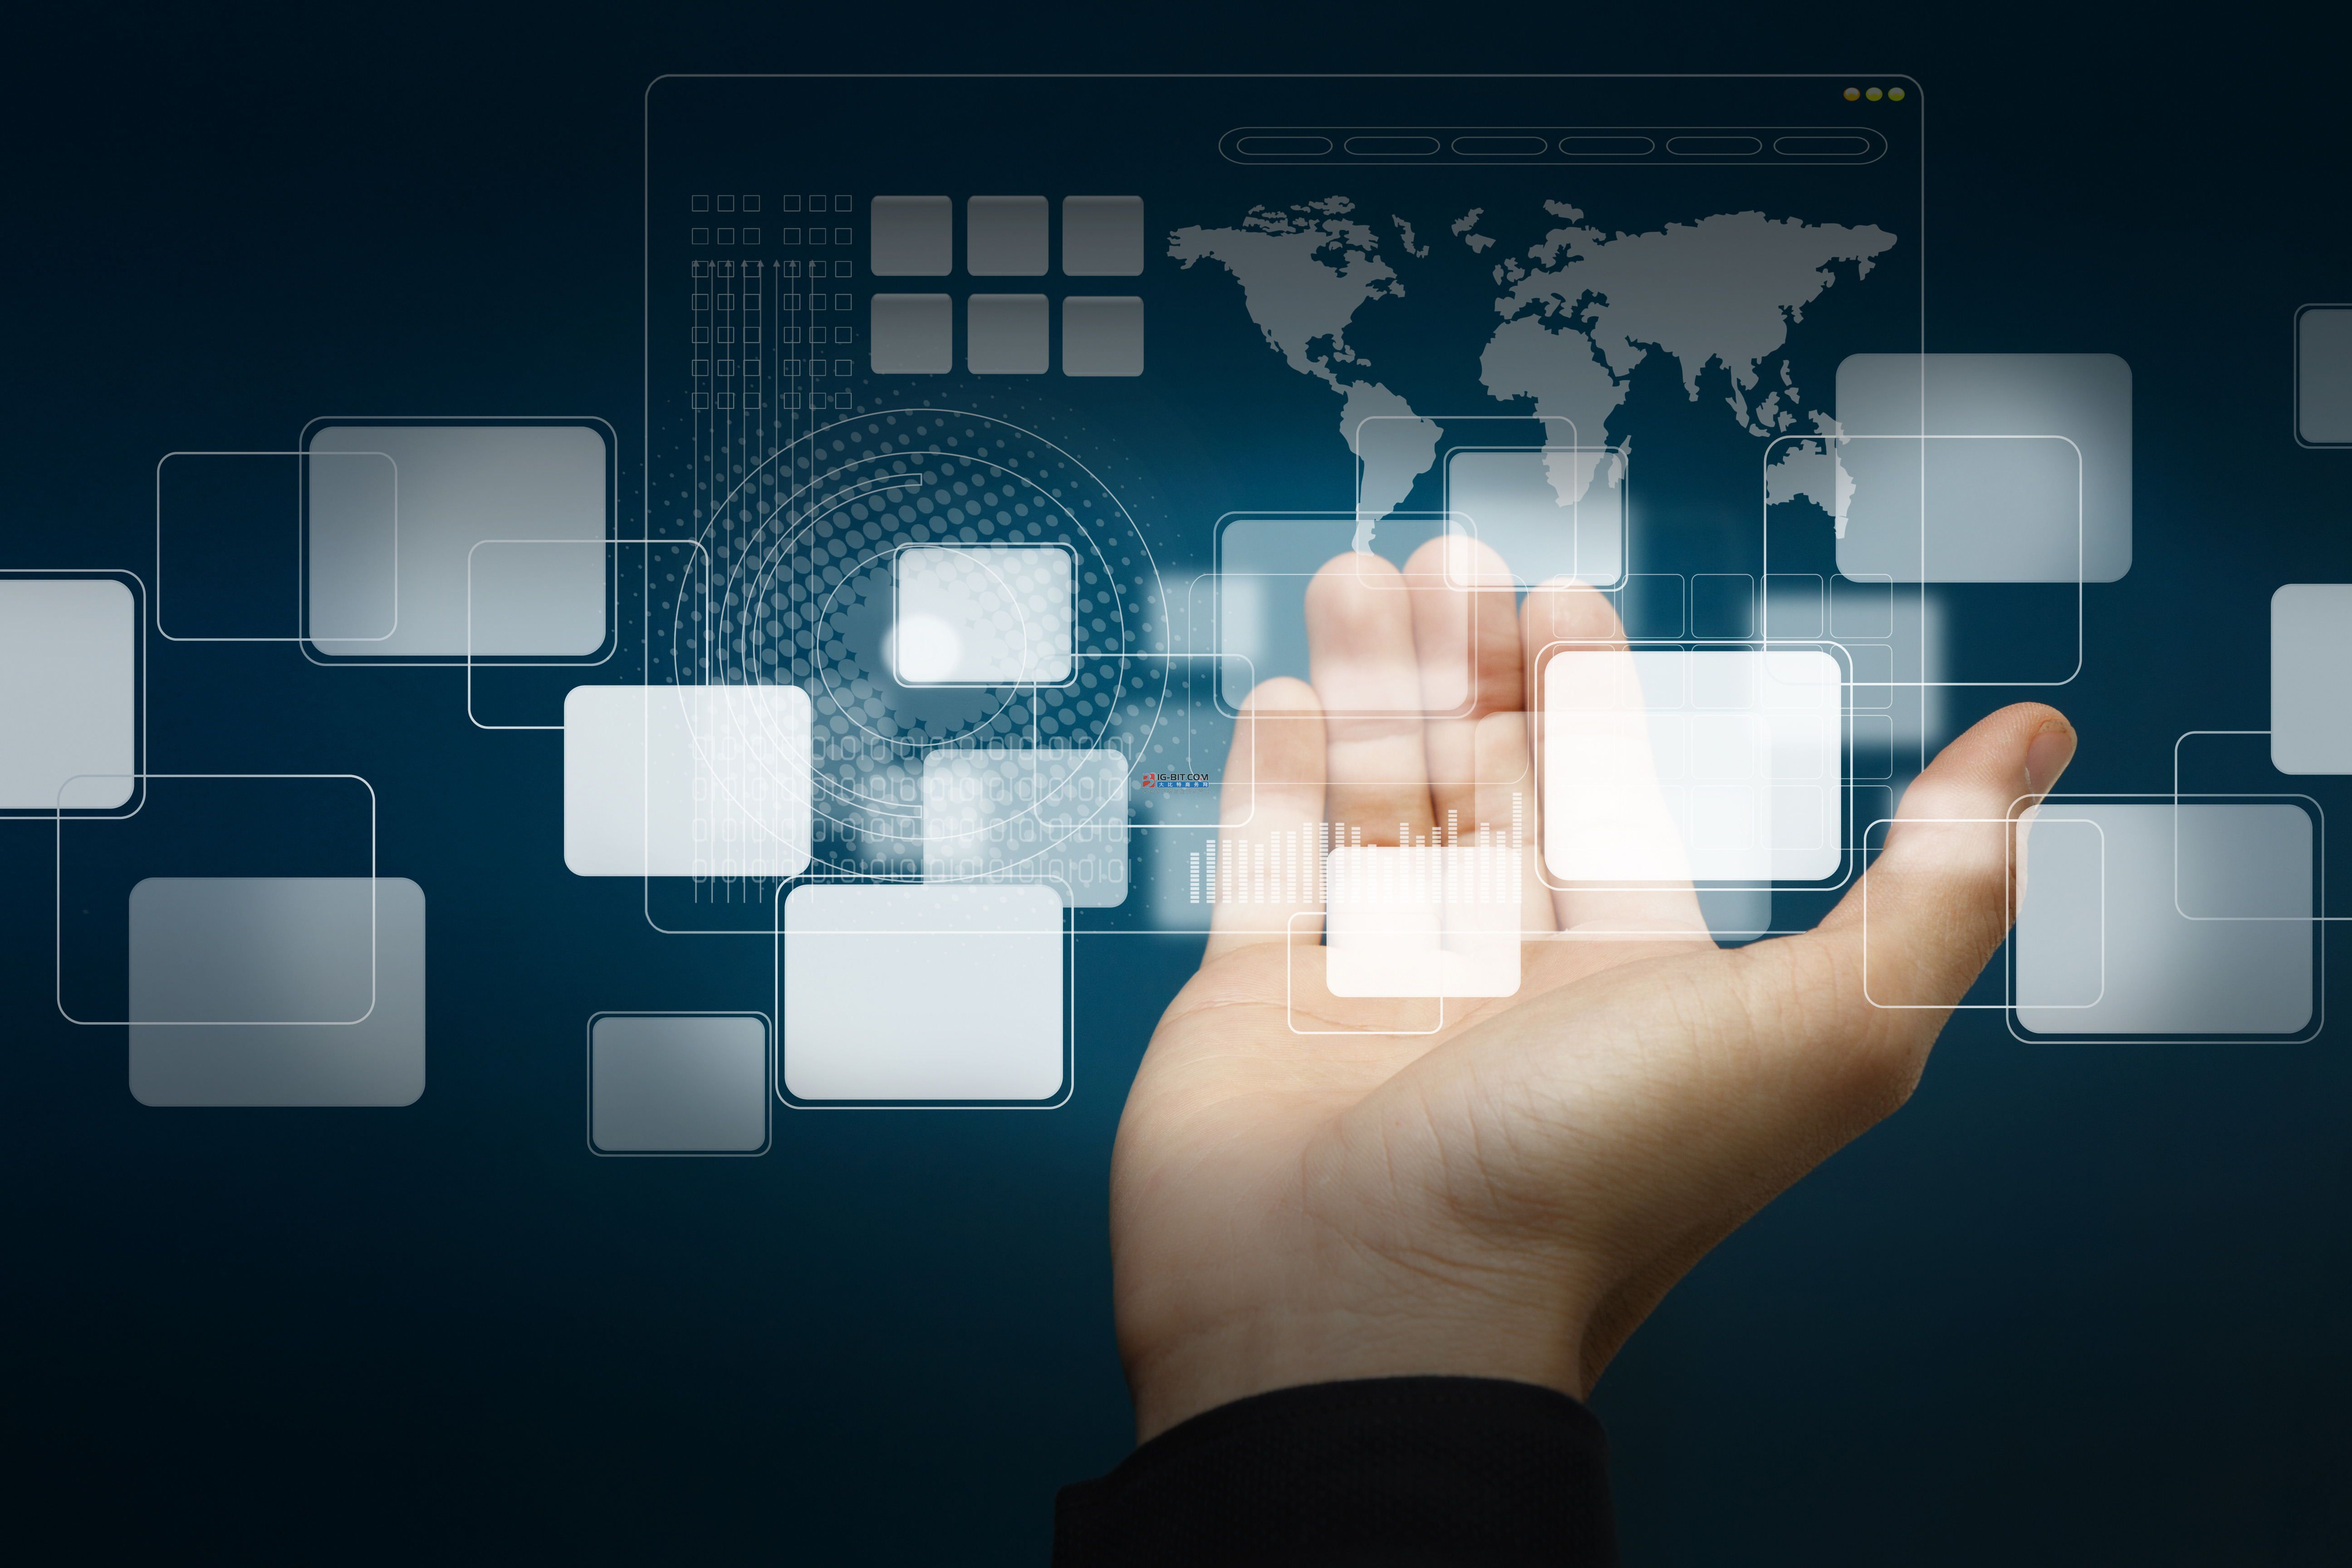 工業物聯網進入了怎樣的新時代